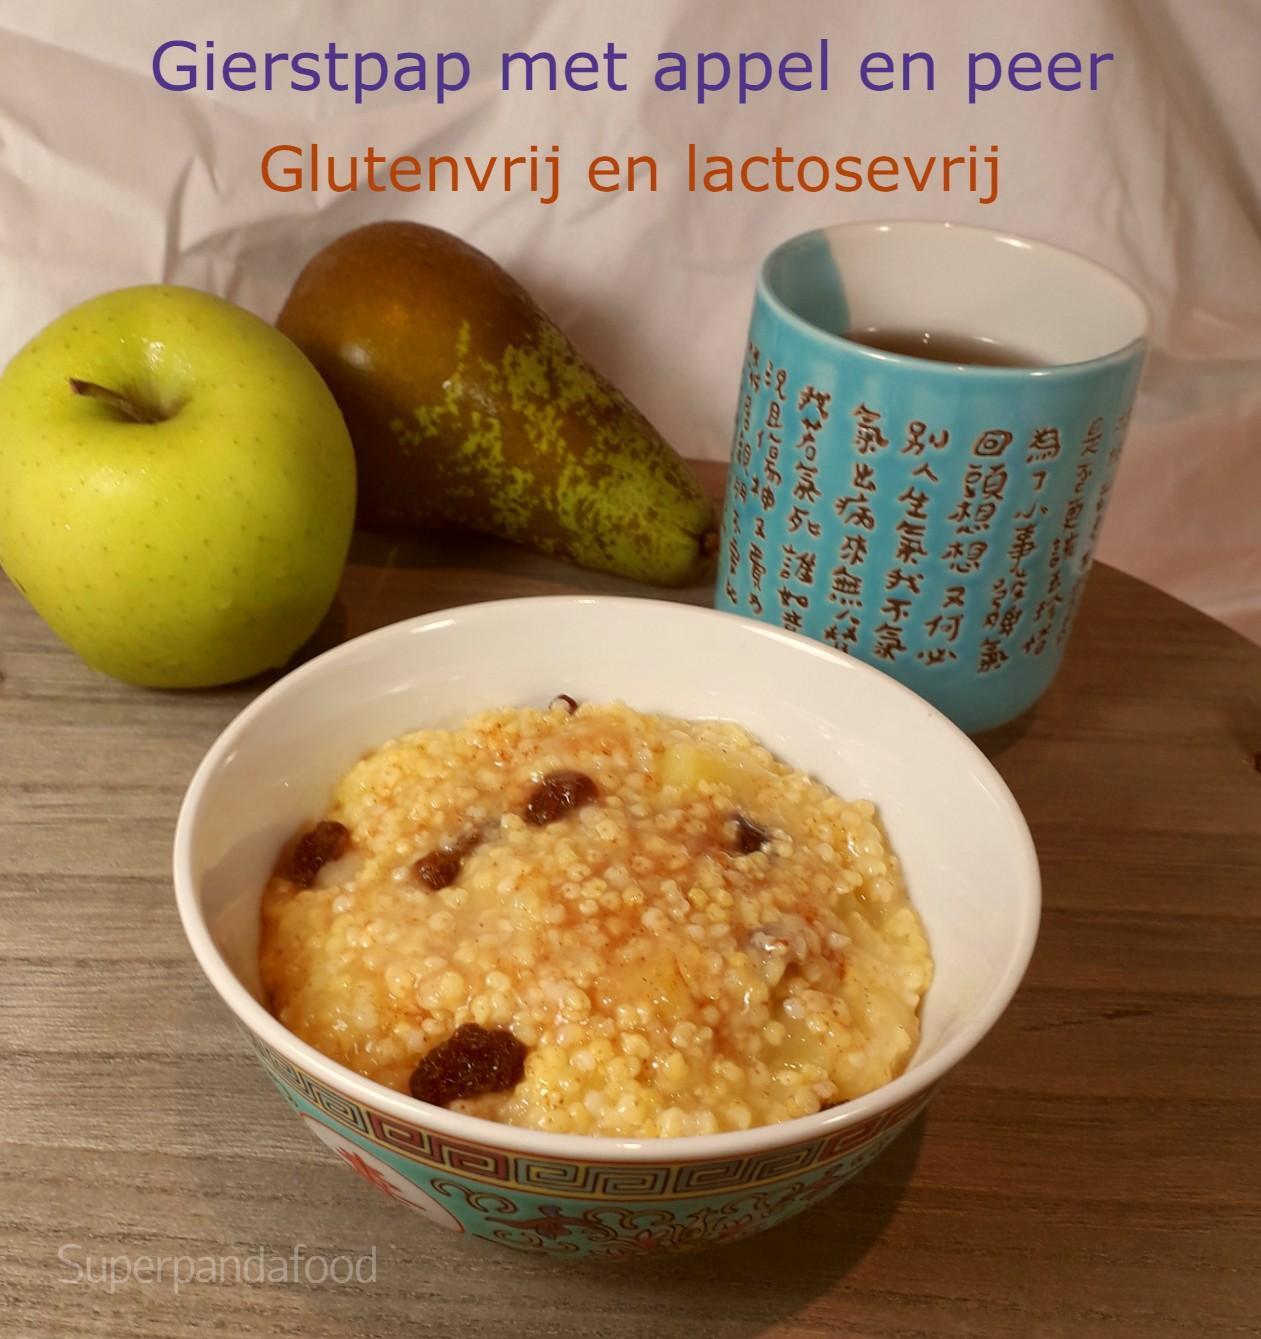 Gierstpap met appel en peer - verwarmend glutenvrij en lactosevrij ontbijt